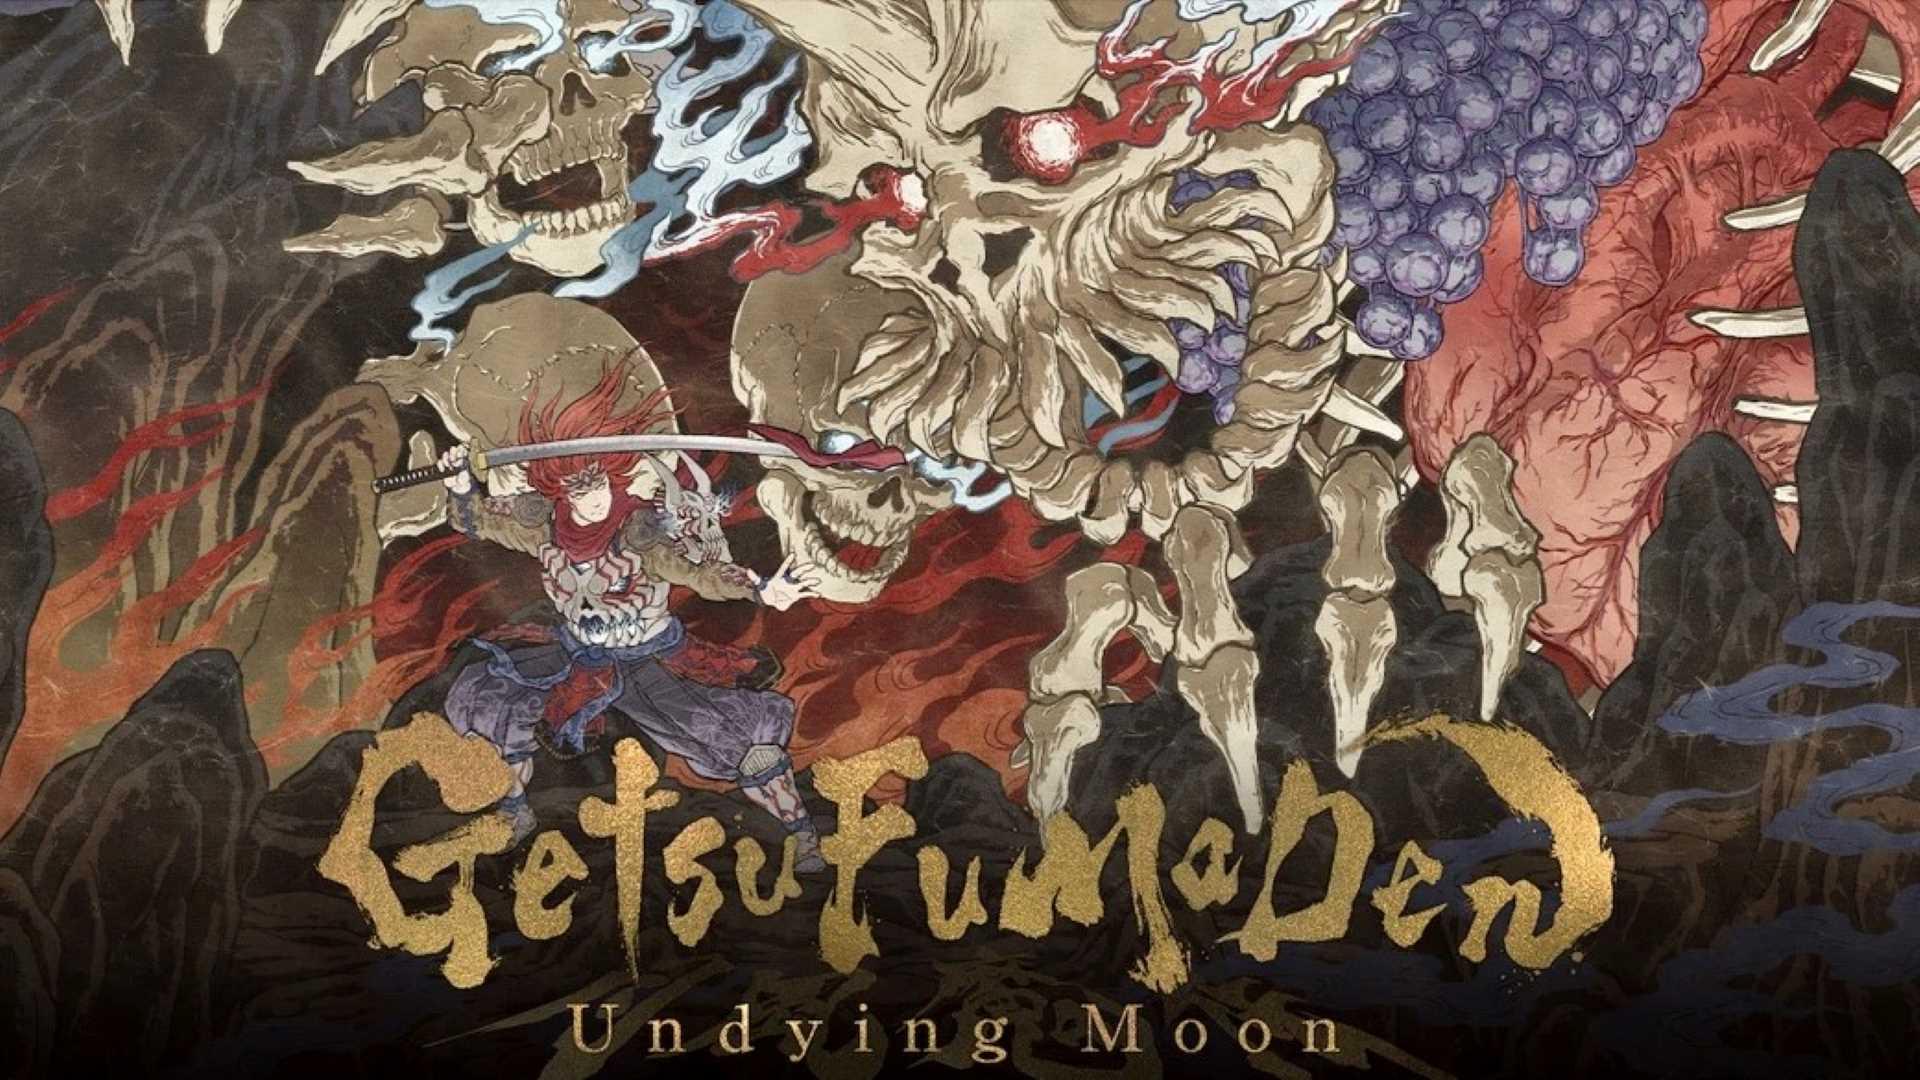 GetsuFumaDen: Undying Moon - Keyart